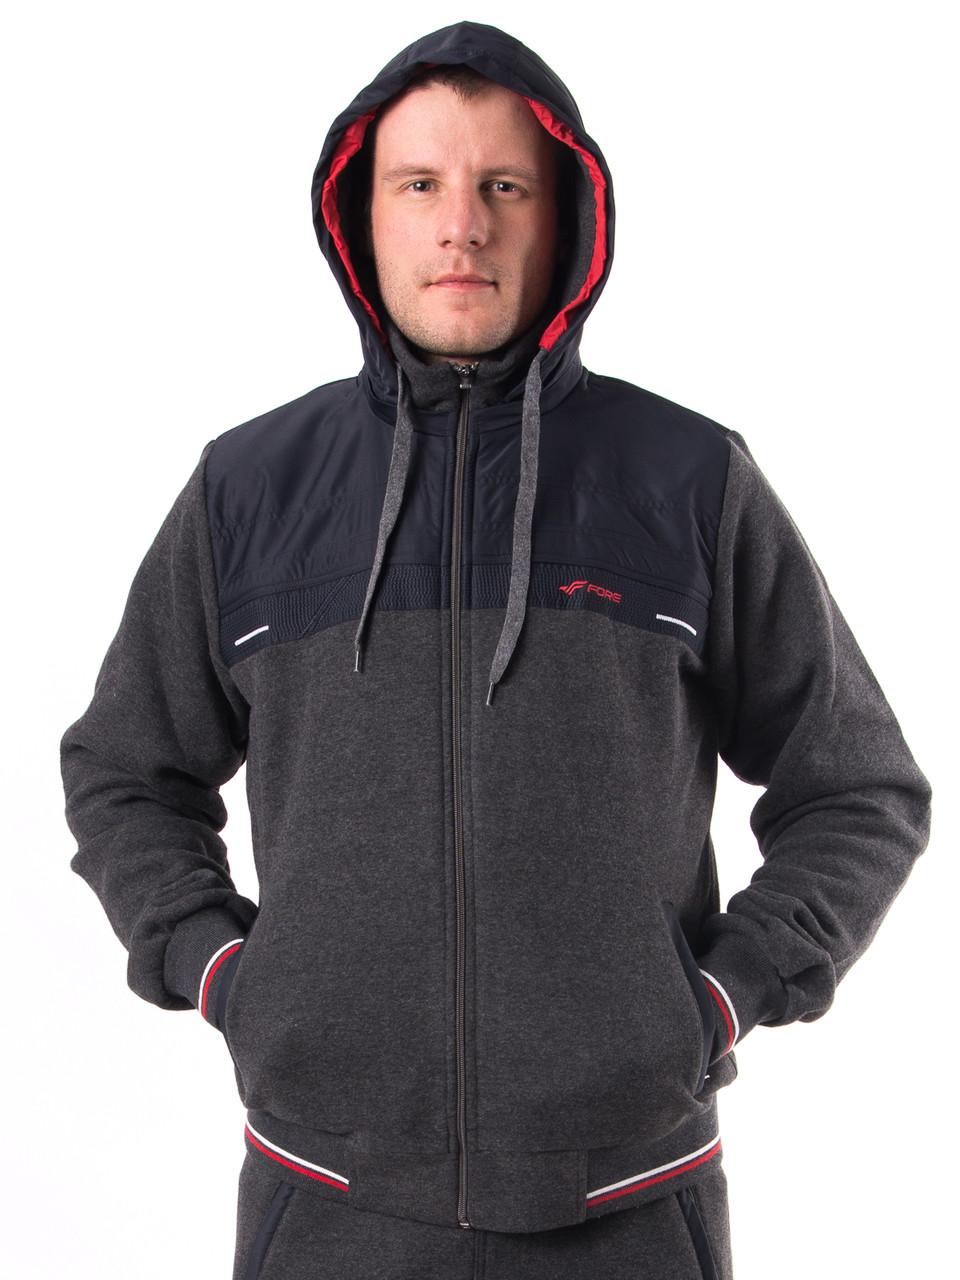 79b2efe43bf0 Теплый мужской спортивный костюм трехнитка т.м. Fore 5289 оптом и в  розницу, ...